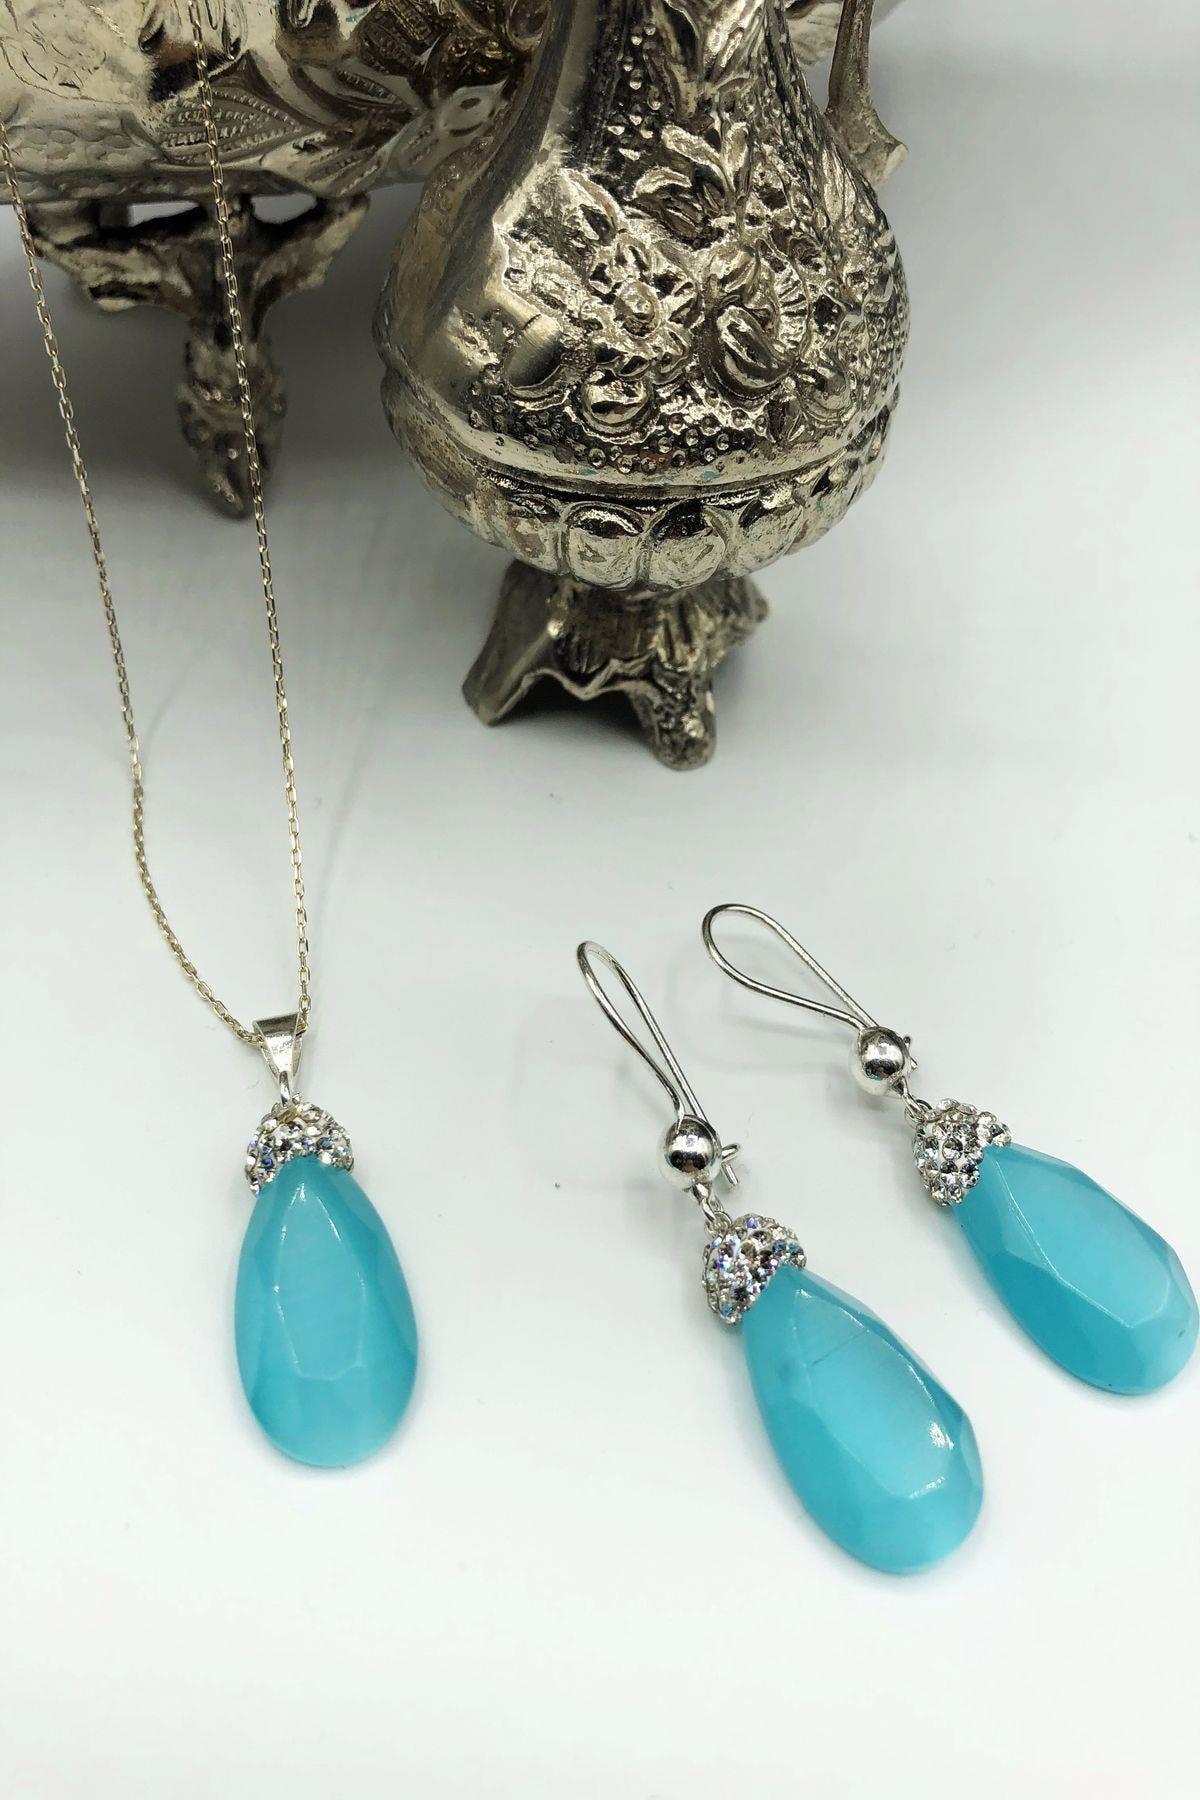 Dr. Stone Dr Stone Harem Koleksiyonu Kedigözü Taşı El Yapımı 925 Ayar Gümüş Set Gdr16 1